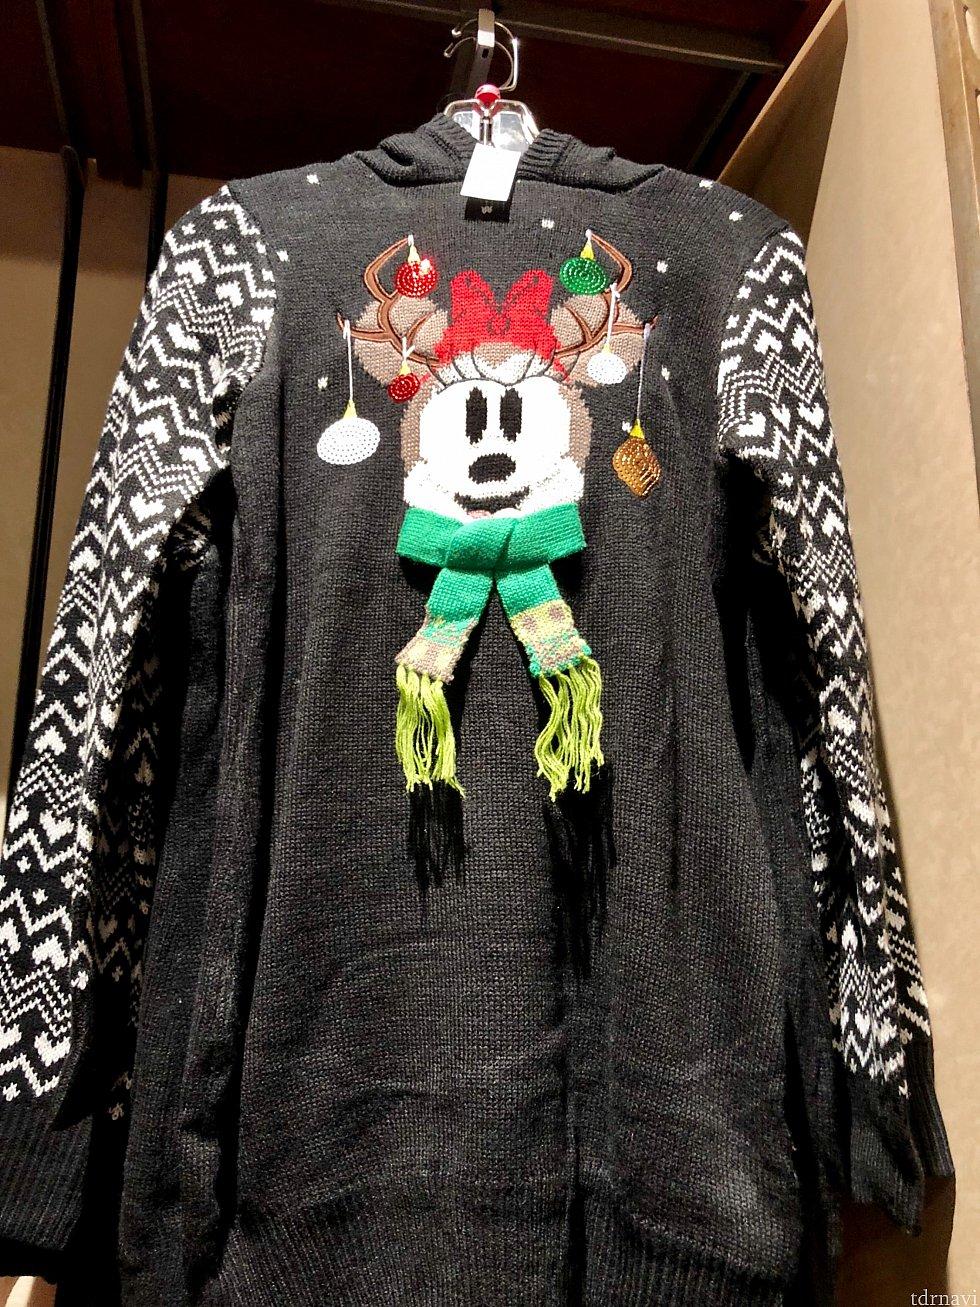 次はセーター類です。こちらはミニーのセーター。ミニーの耳付きのフードが付いています。$64.99